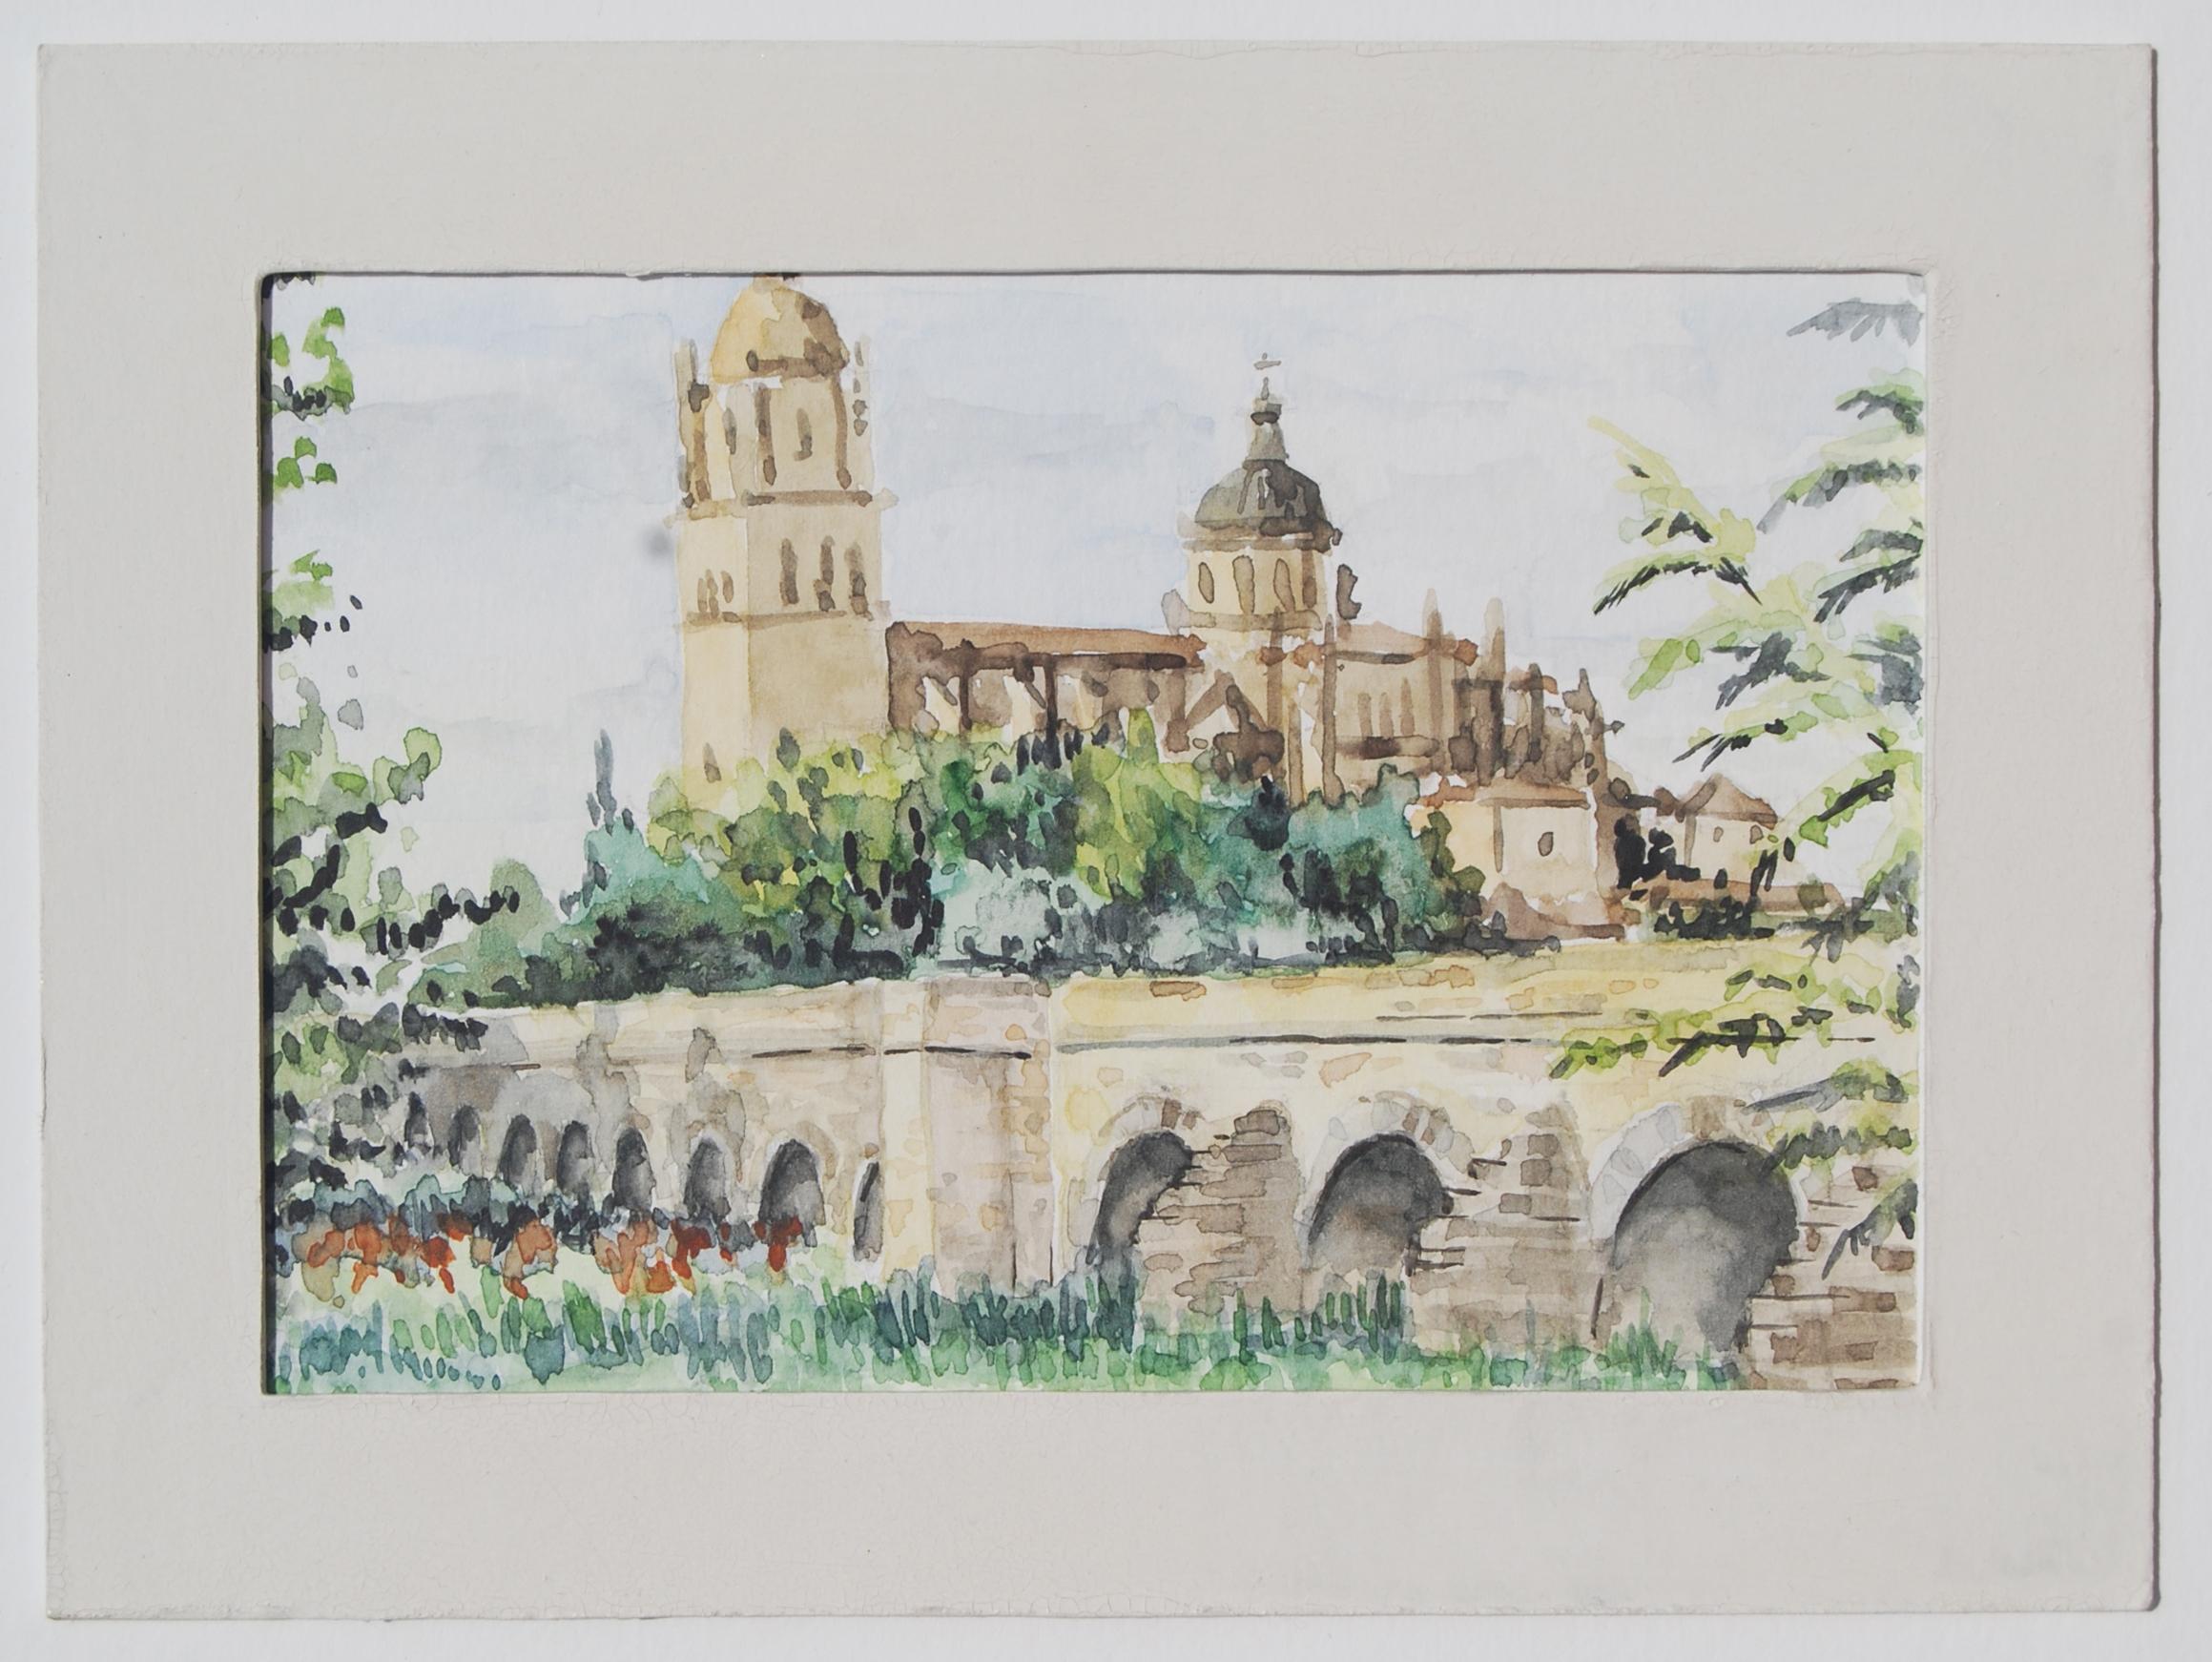 El puente romano de Salamanca